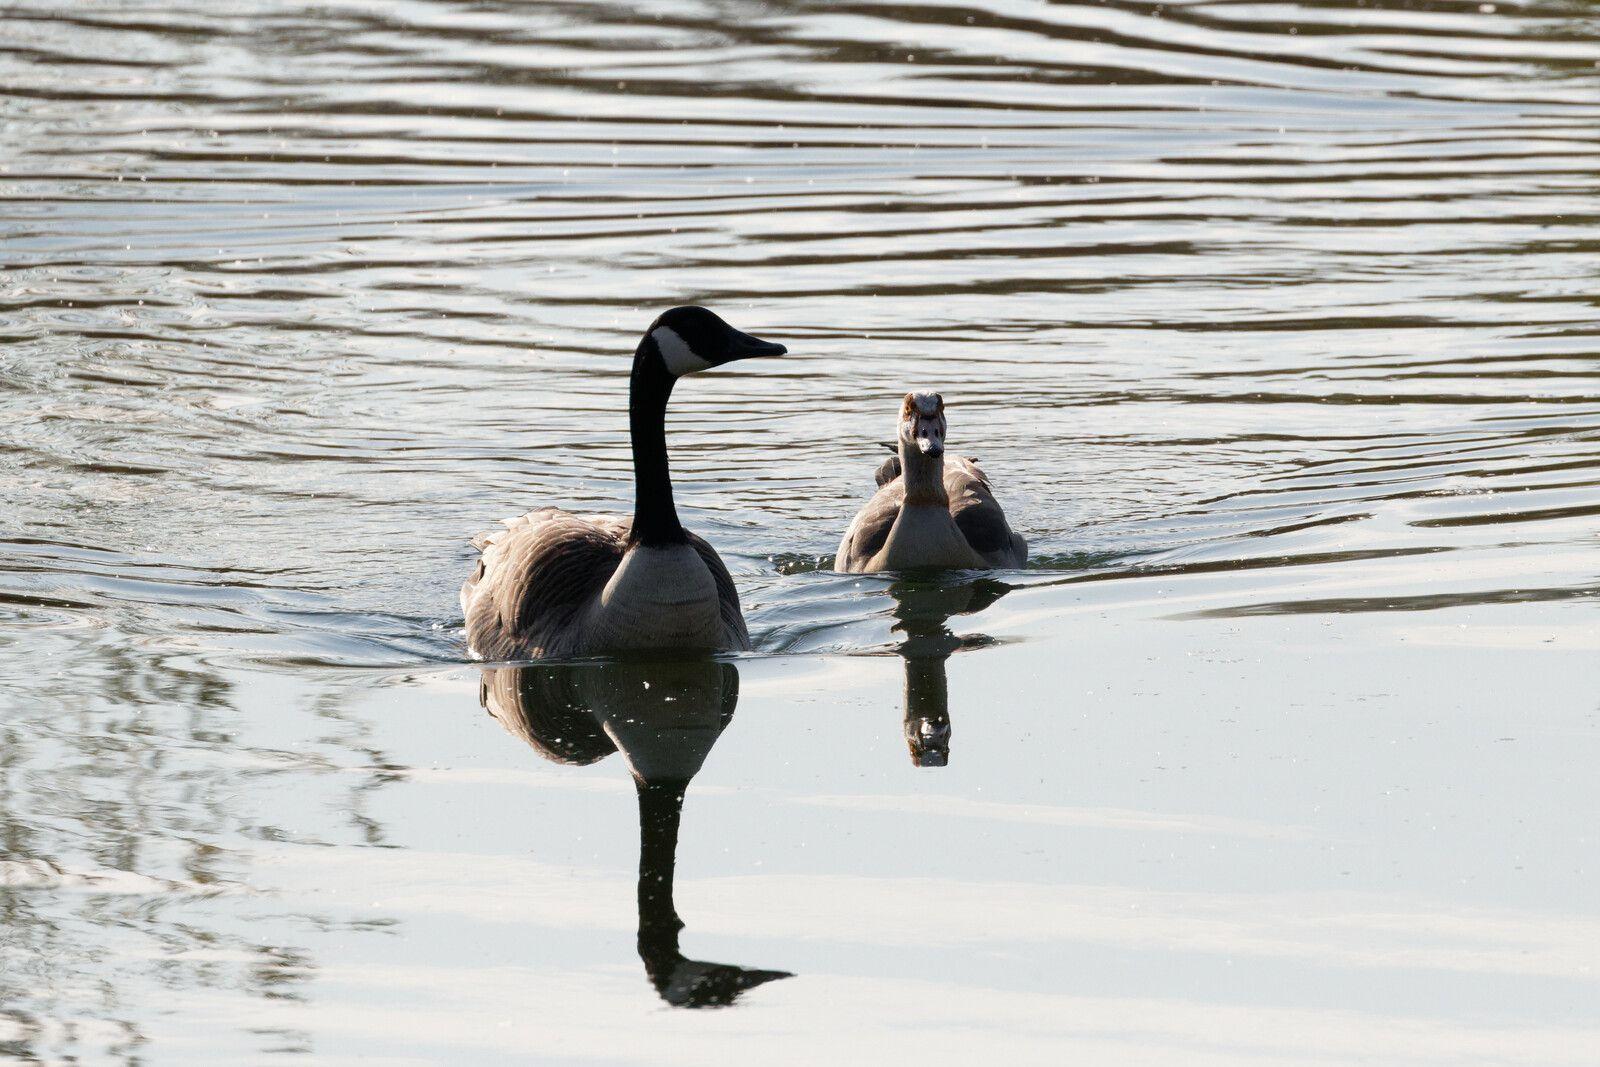 563 - Migration en cours et premiers poussins, 2021 déroule sa vie sauvage : 28 avril et 01/05/2021